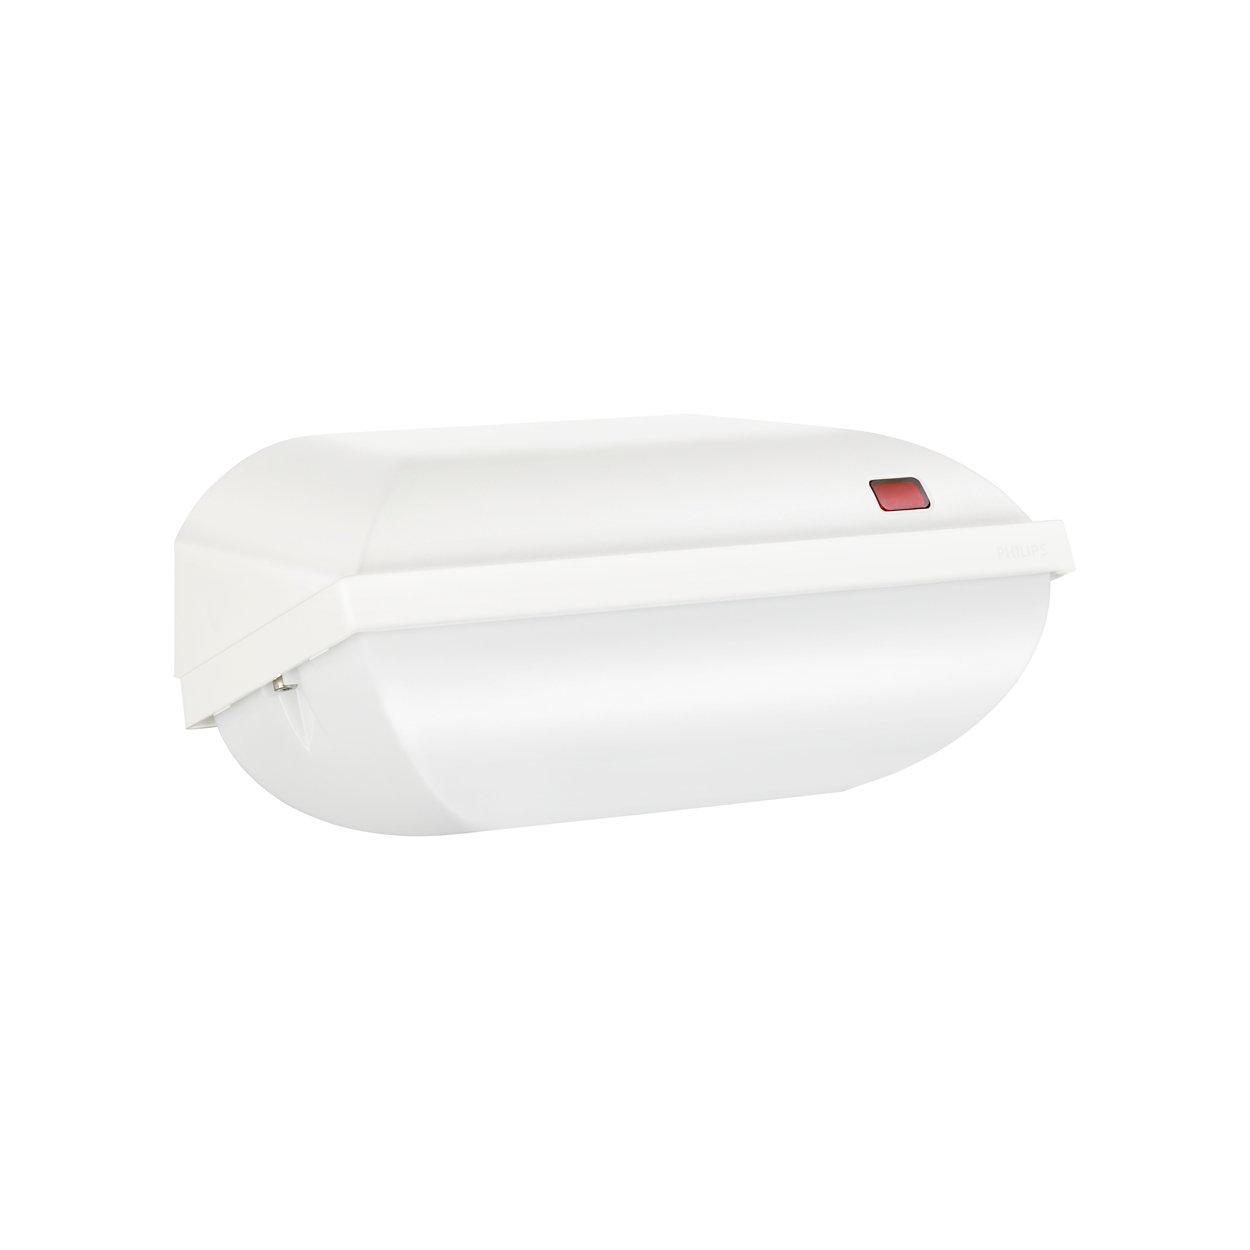 Aantrekkelijke, energiezuinige armaturen voor nachtelijke beveiliging en sfeerverlichting